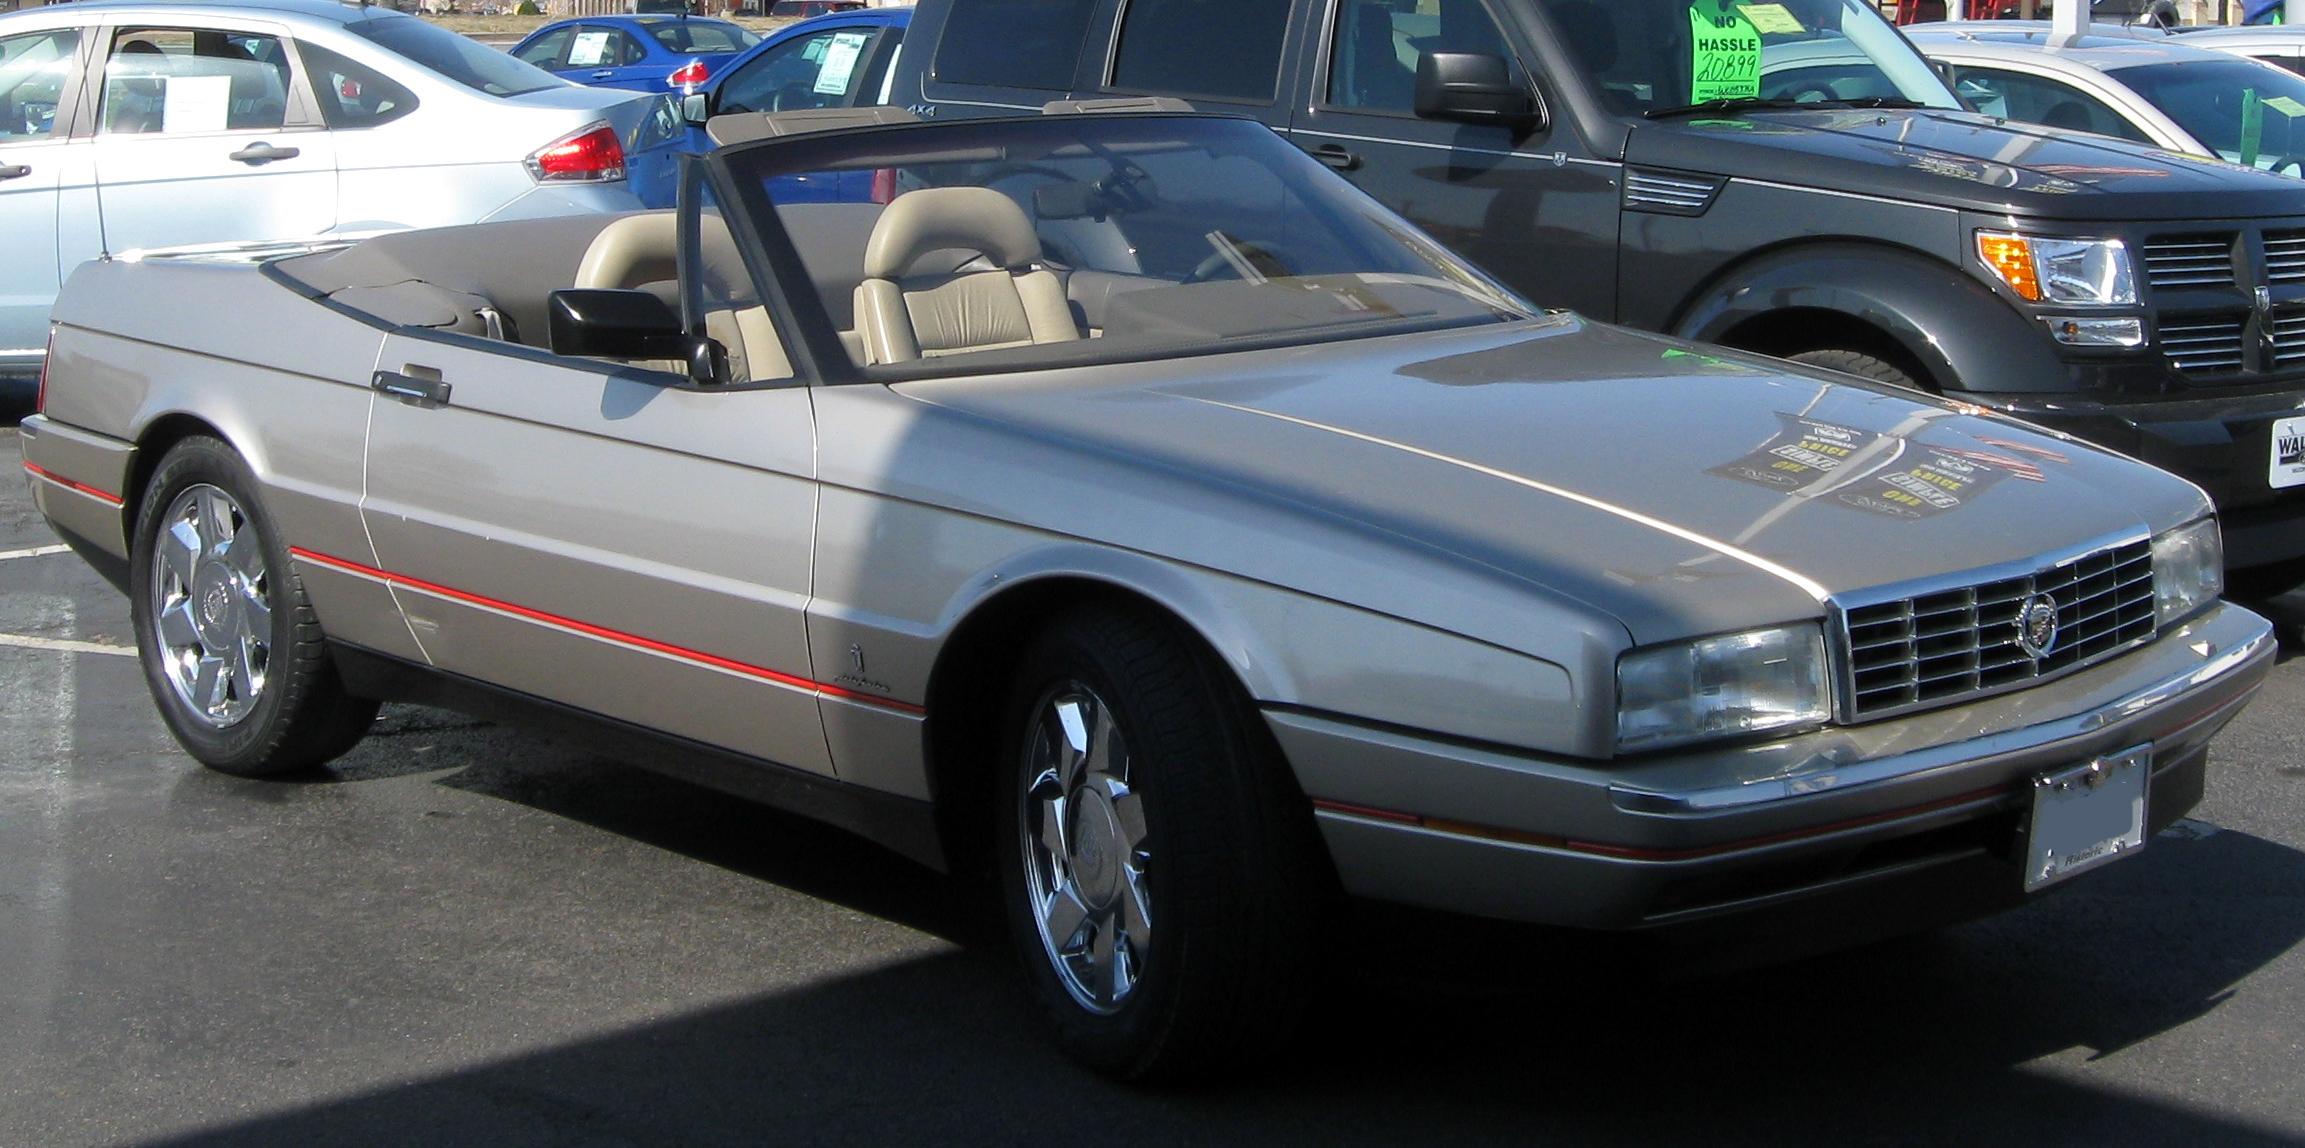 File:Cadillac Allante -- 03-14-2012 2.JPG - Wikimedia Commons